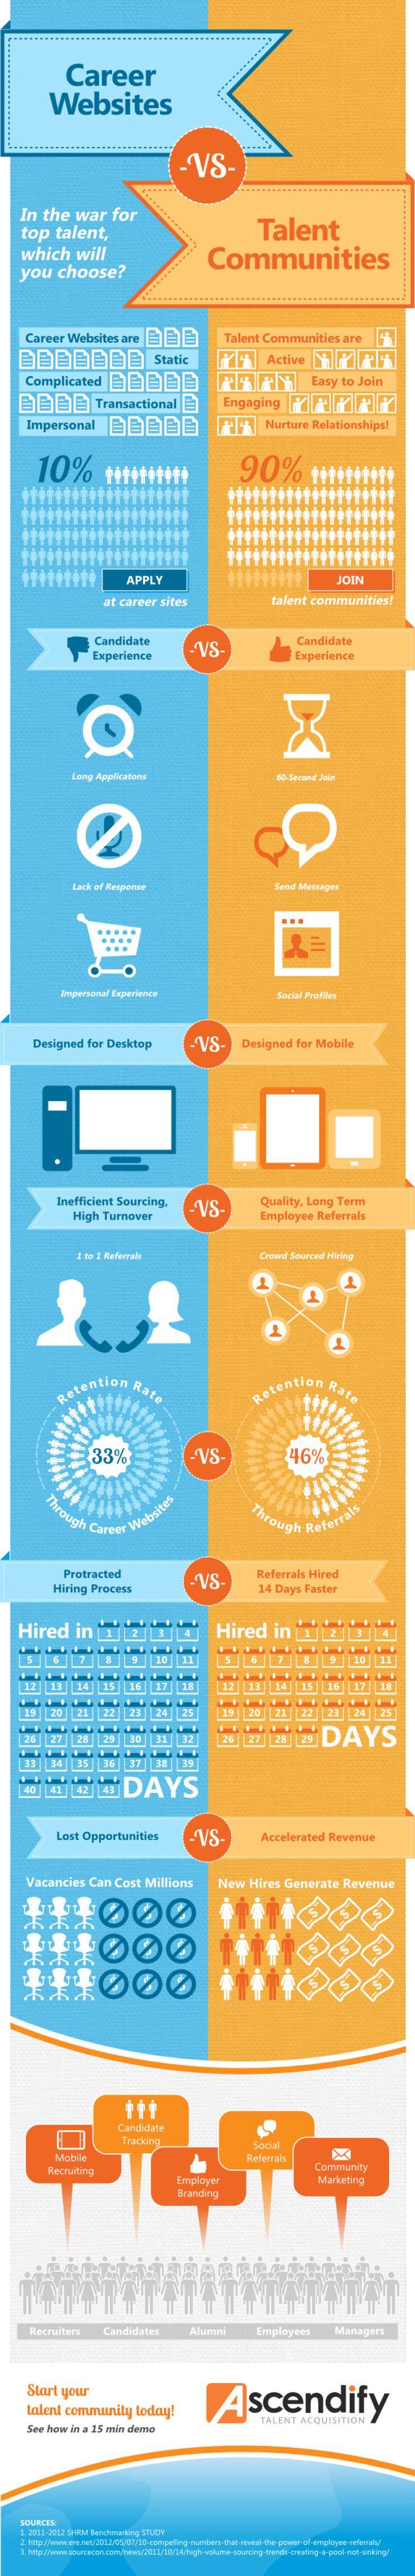 Career Websites Vs. Talent Communities